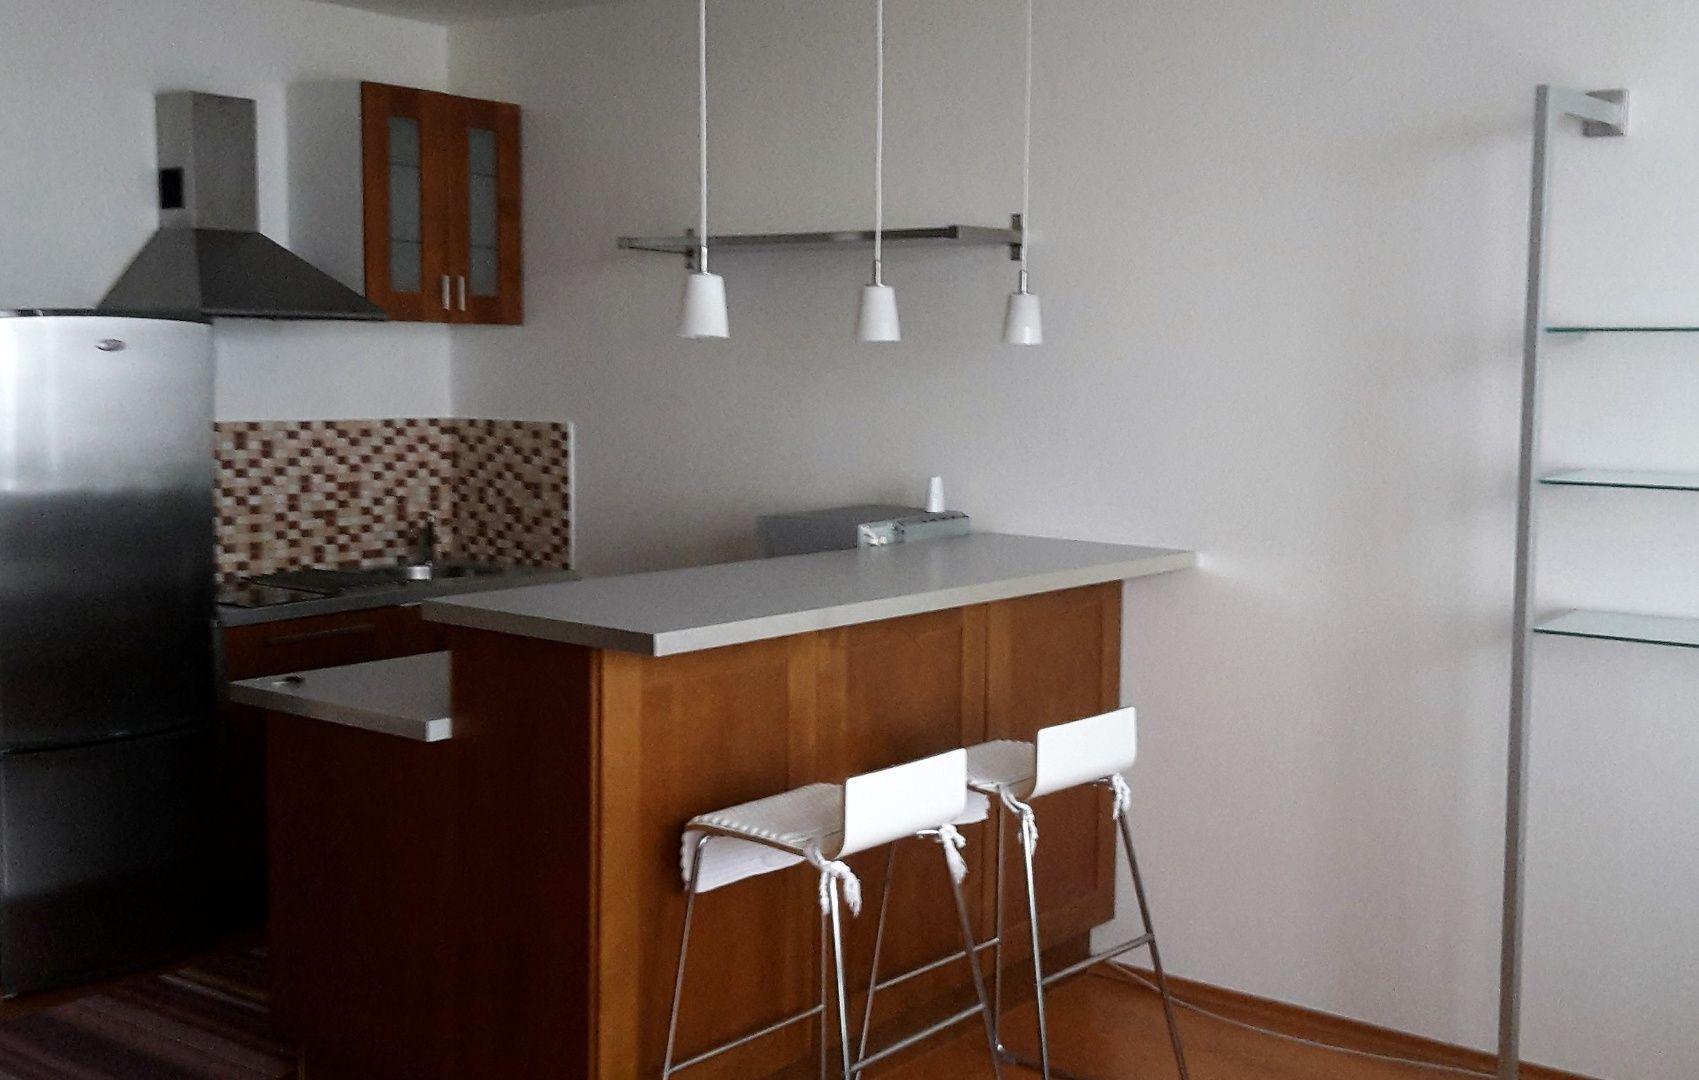 1-izbový byt-Prenájom-Bratislava - mestská časť Ružinov-400 €